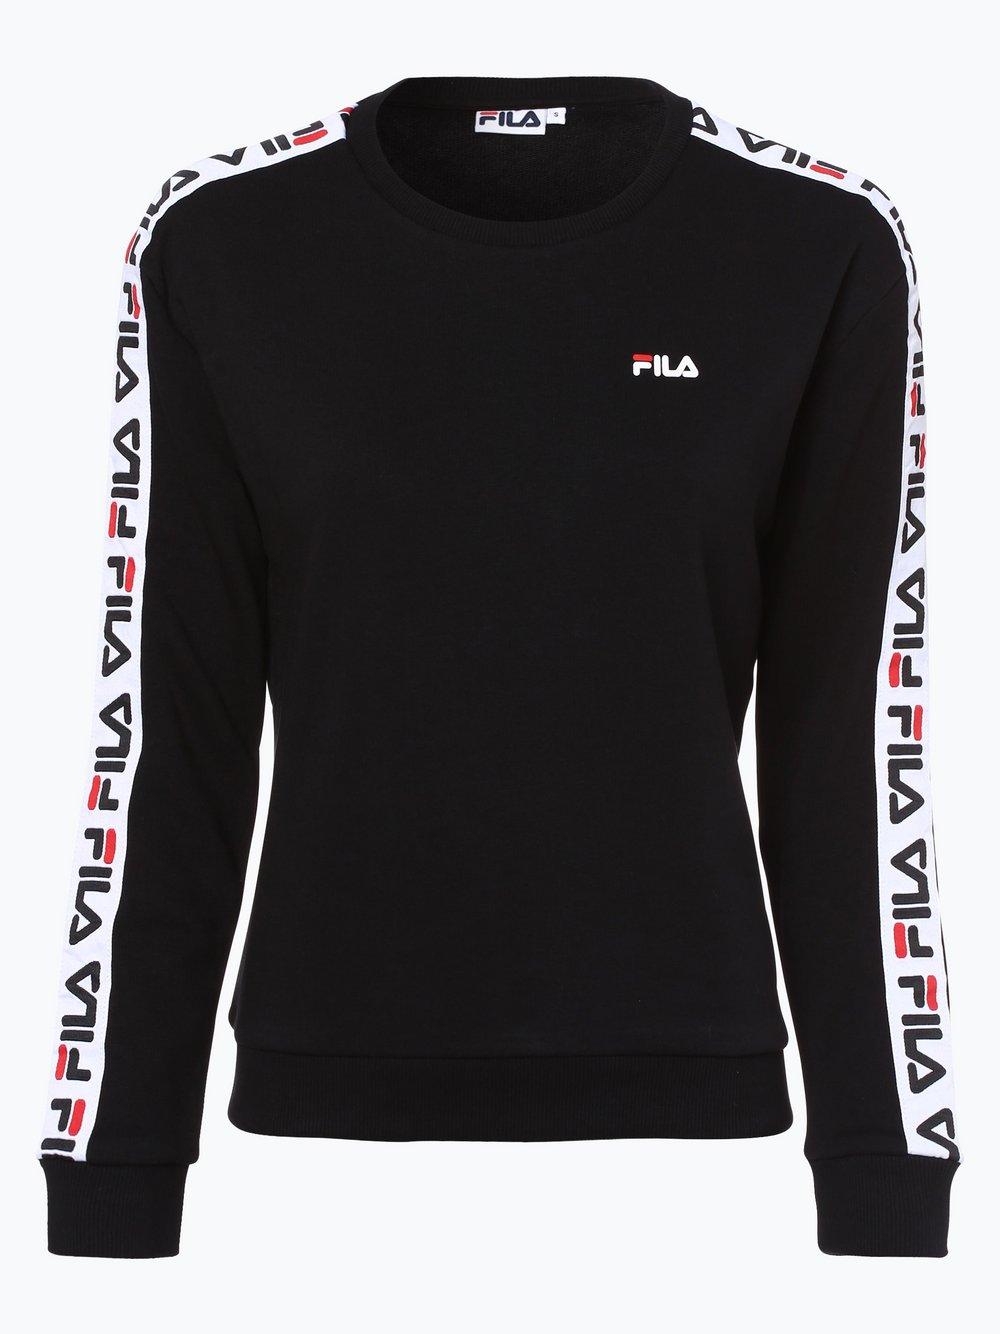 FILA Damen Sweatshirt - Tivka online kaufen | PEEK-UND-CLOPPENBURG.DE